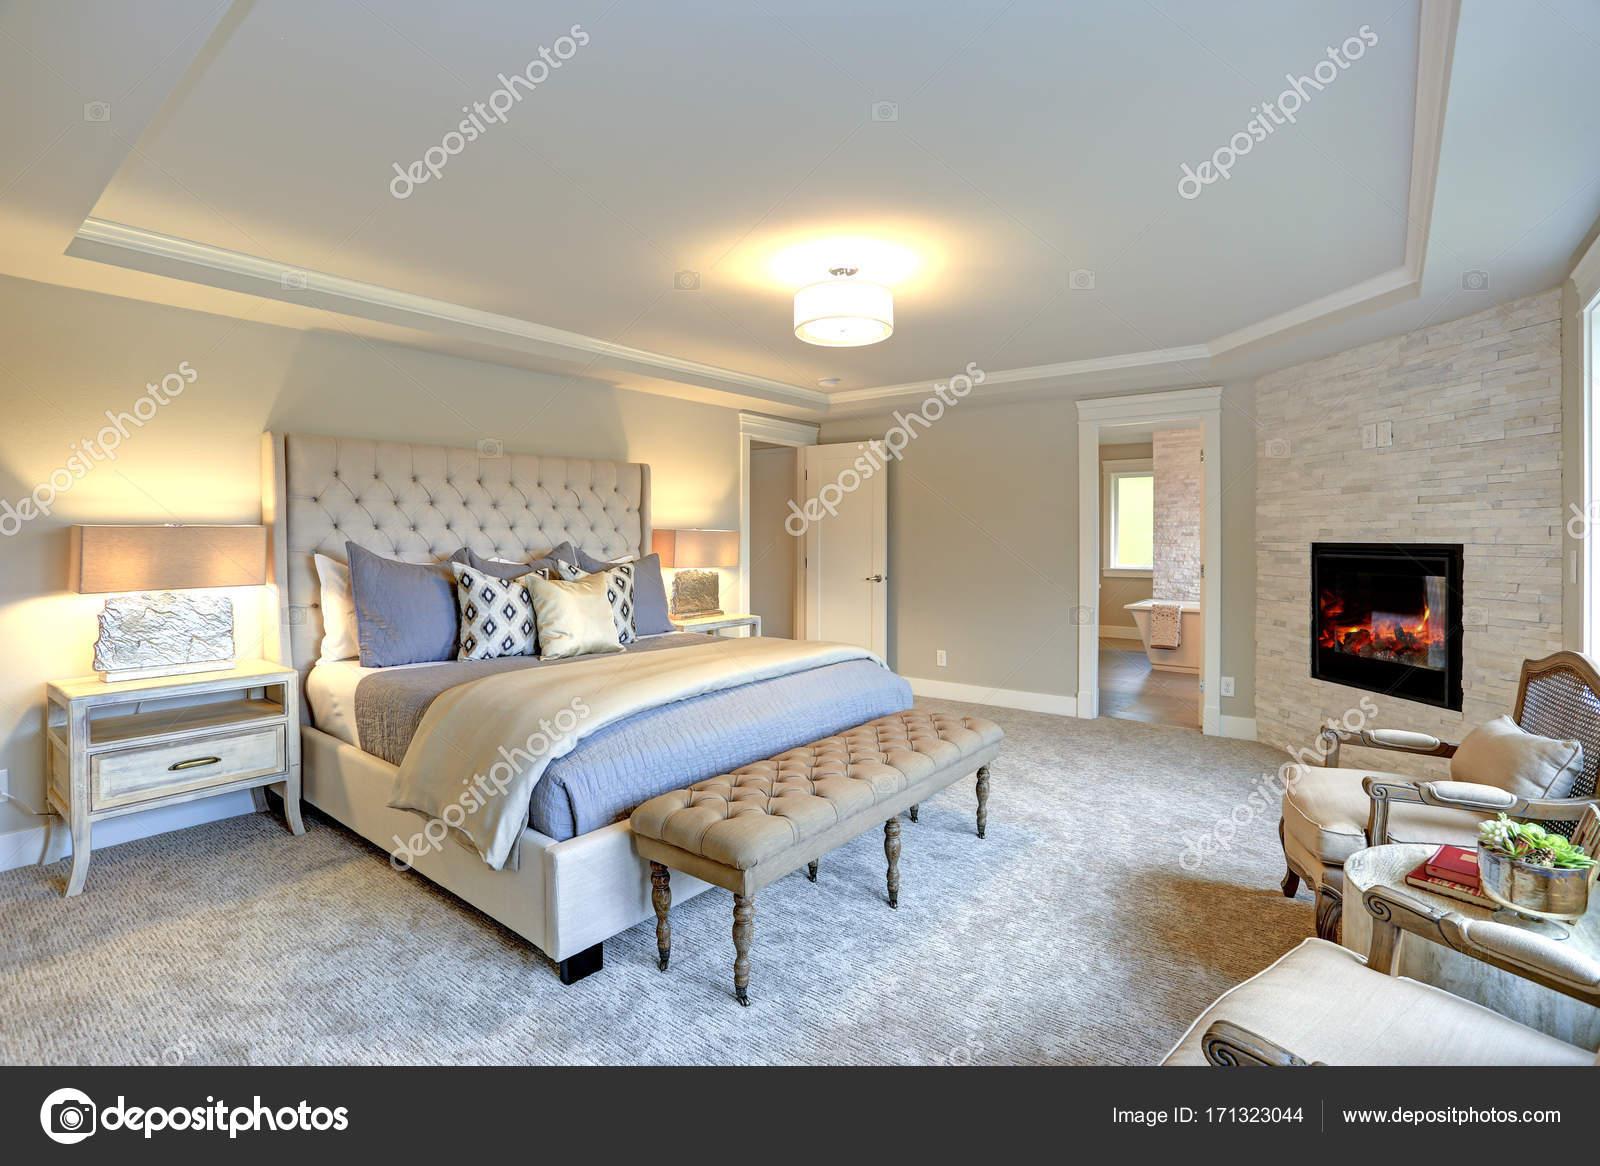 Luxus Schlafzimmer Interior U2014 Stockfoto